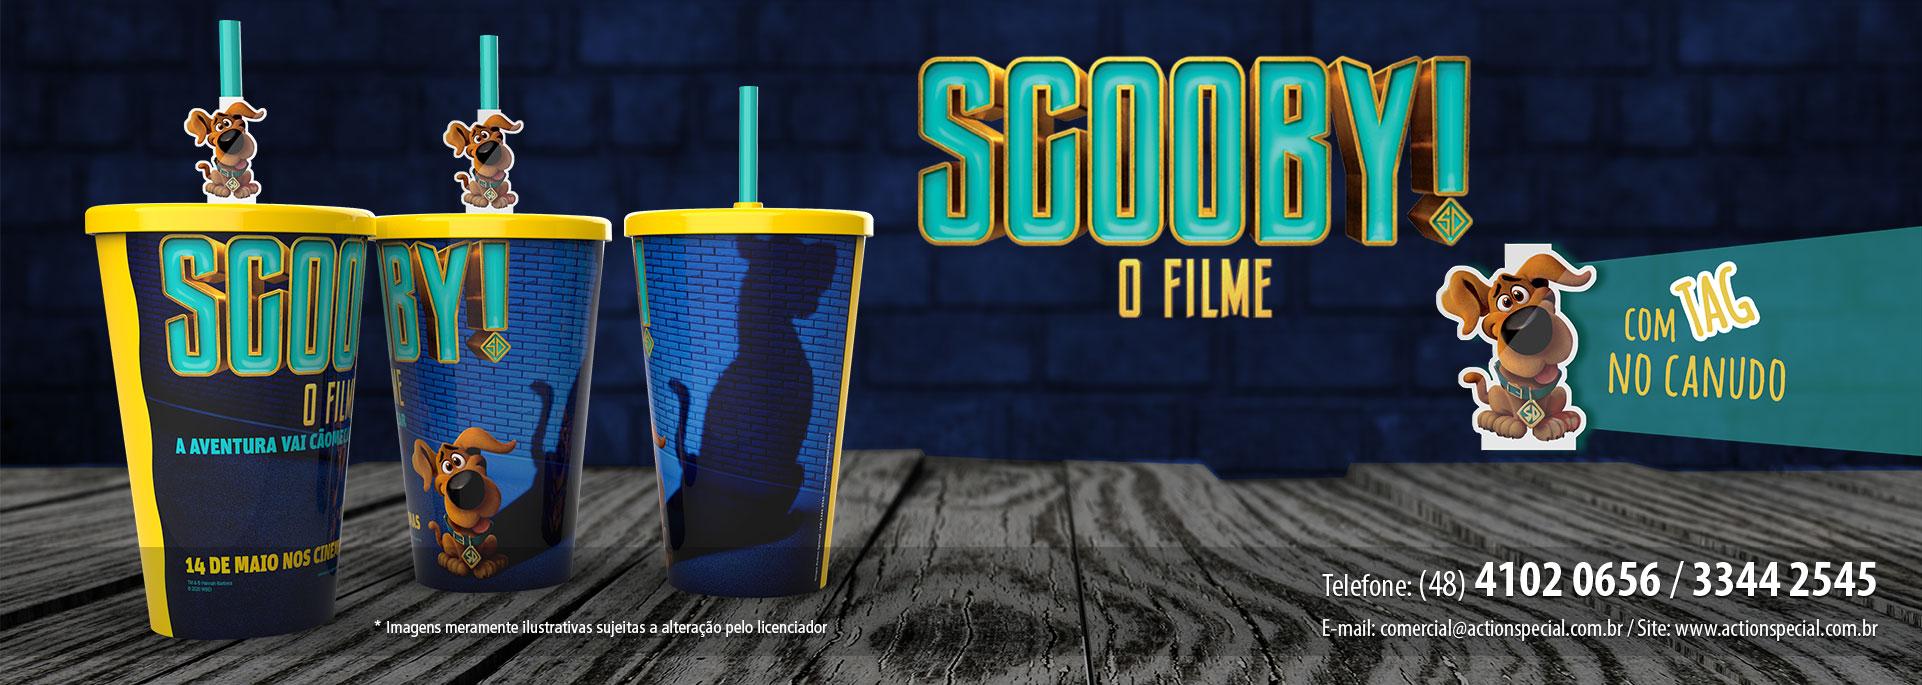 Scooby-Doo_Banner_Site